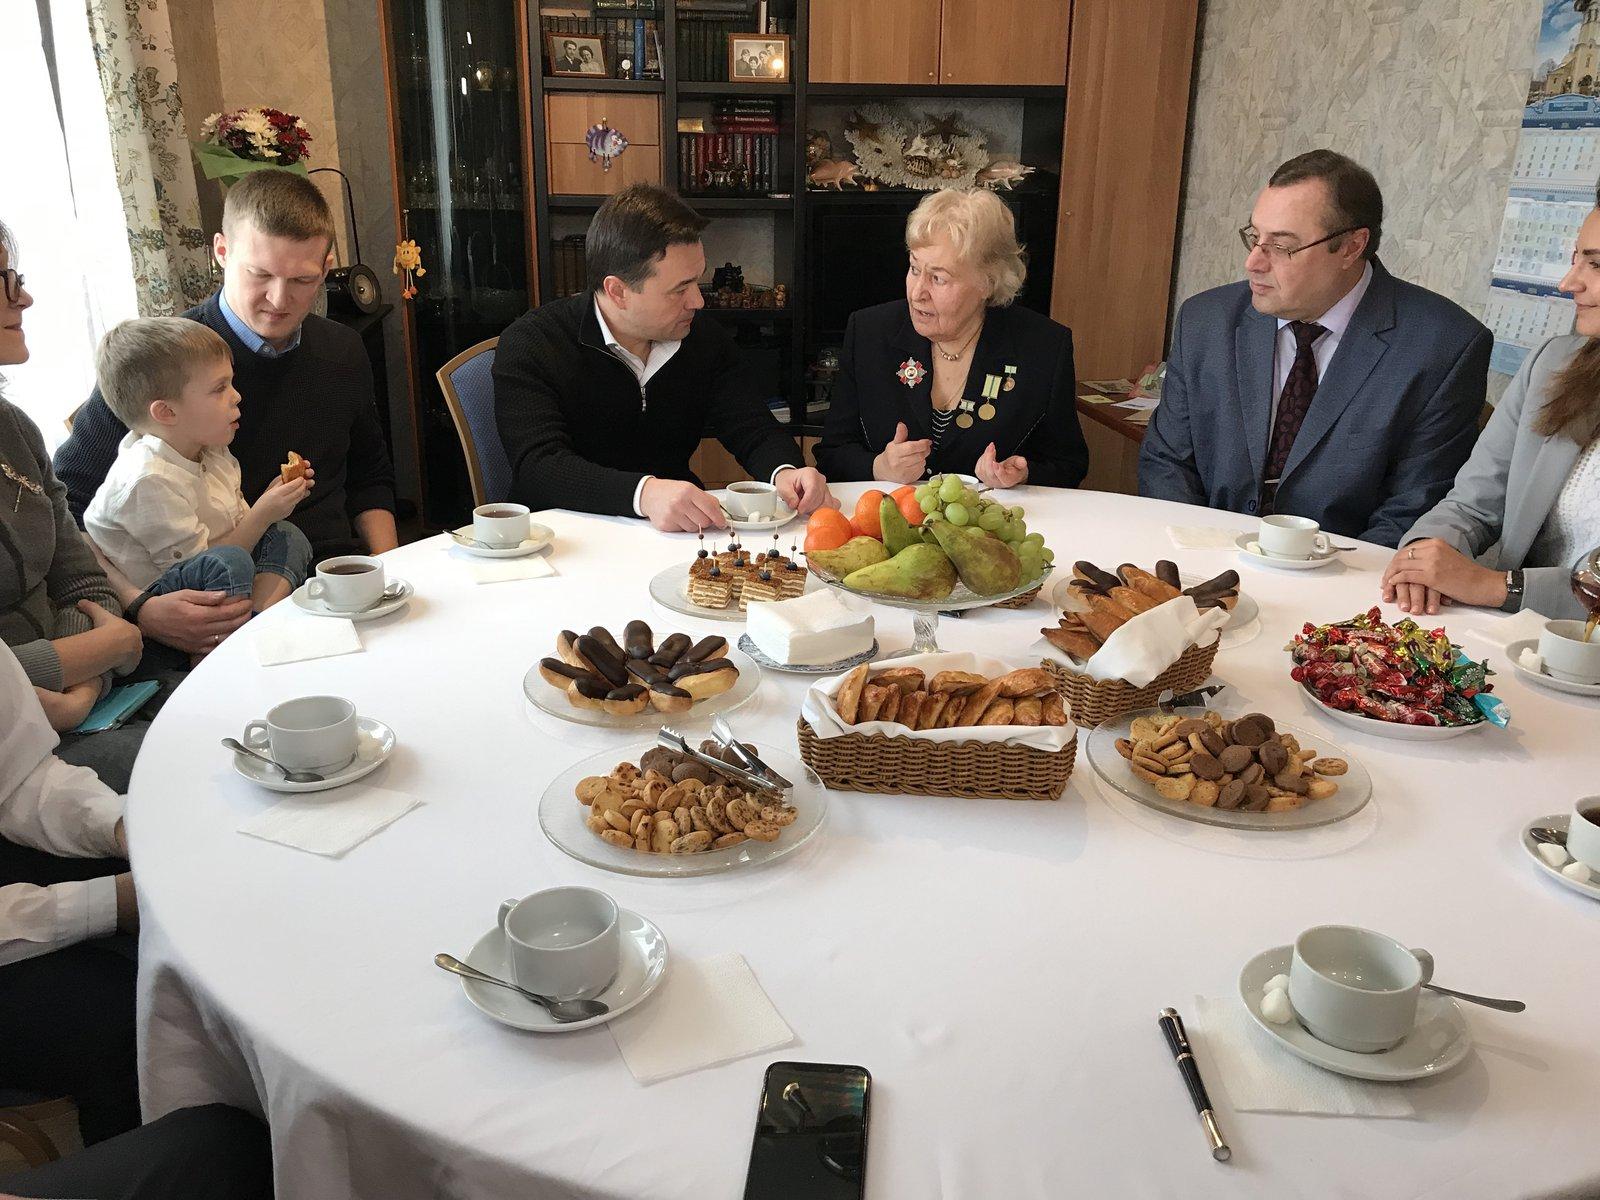 Андрей Воробьев губернатор московской области - Пенсионеры Подмосковья — люди, без которых не было бы настоящего